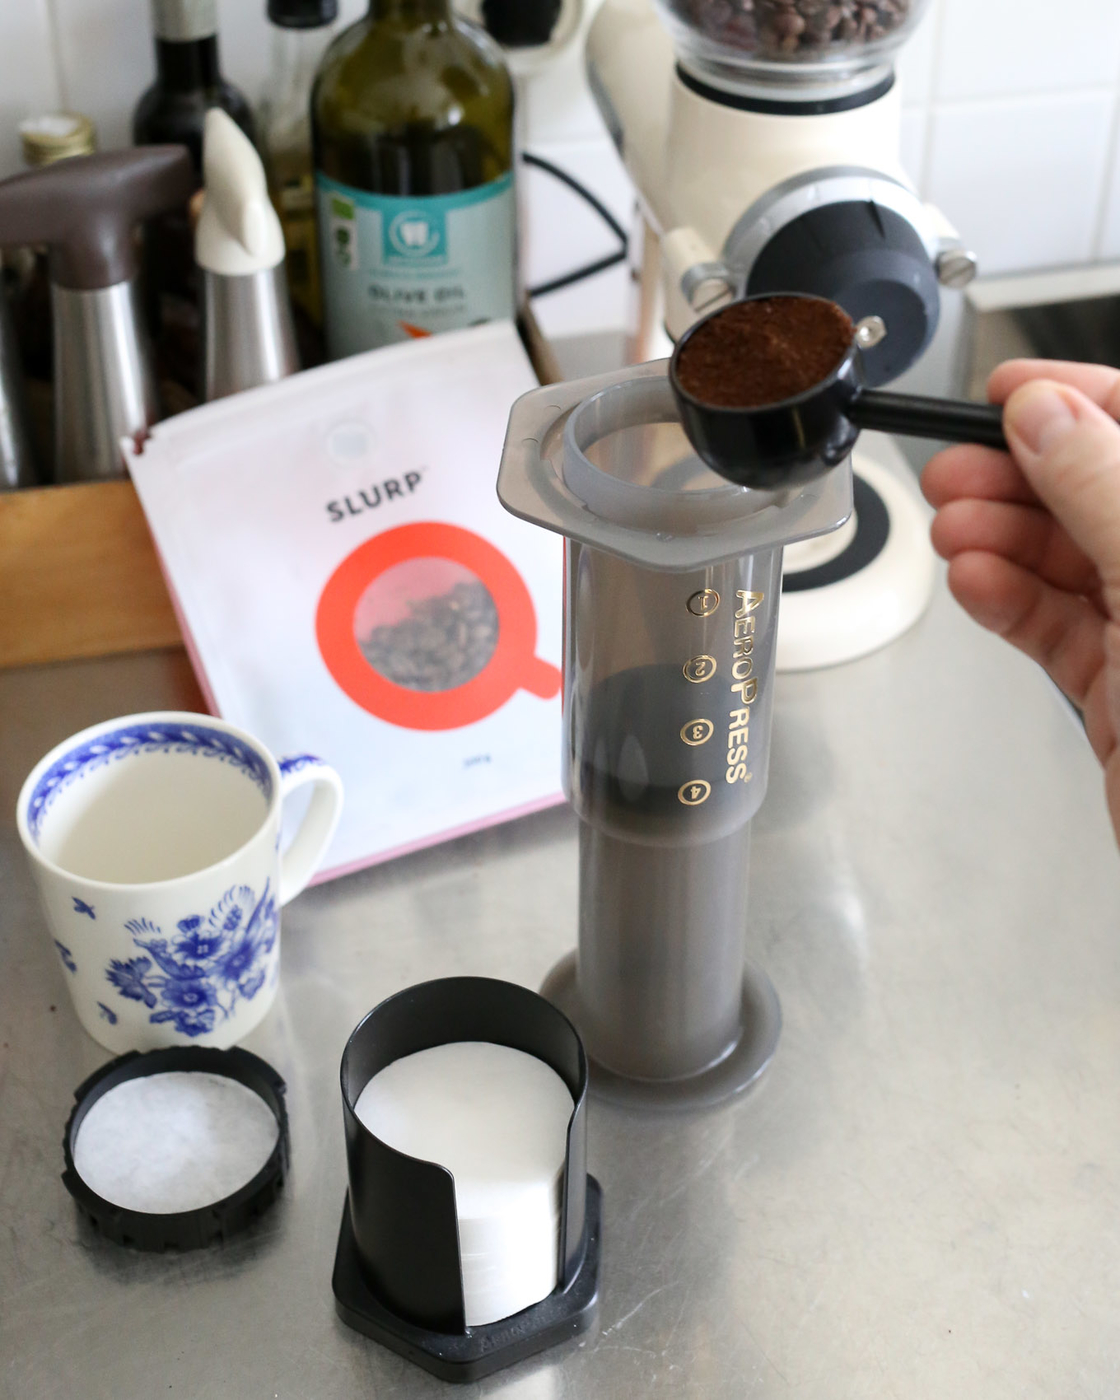 Slurp coffee - Aeropress-5.jpg